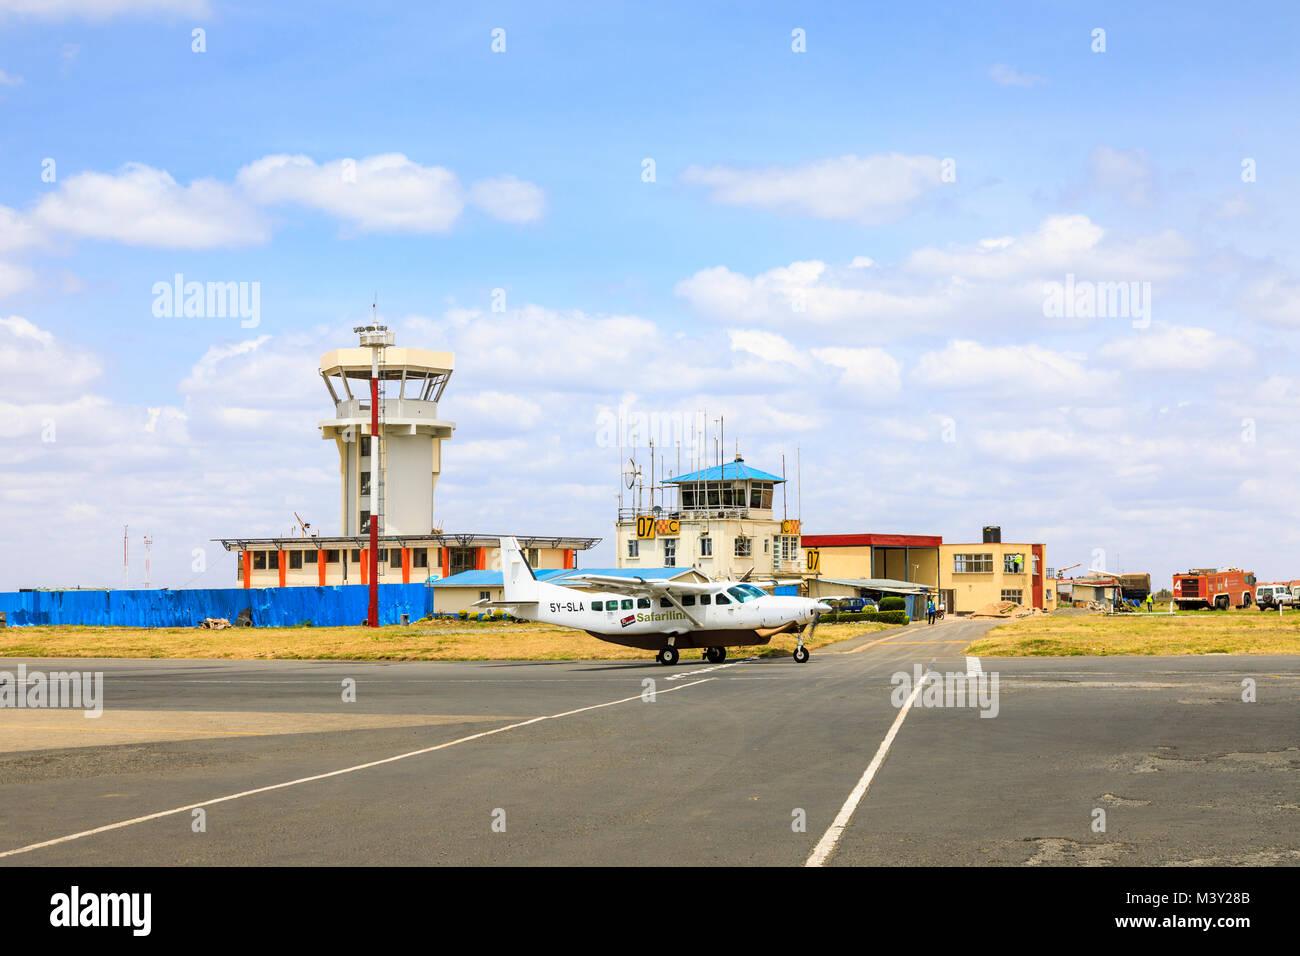 Aeroporto Kenya : Safarilink aeromobili in rullaggio dalla torre di controllo dell